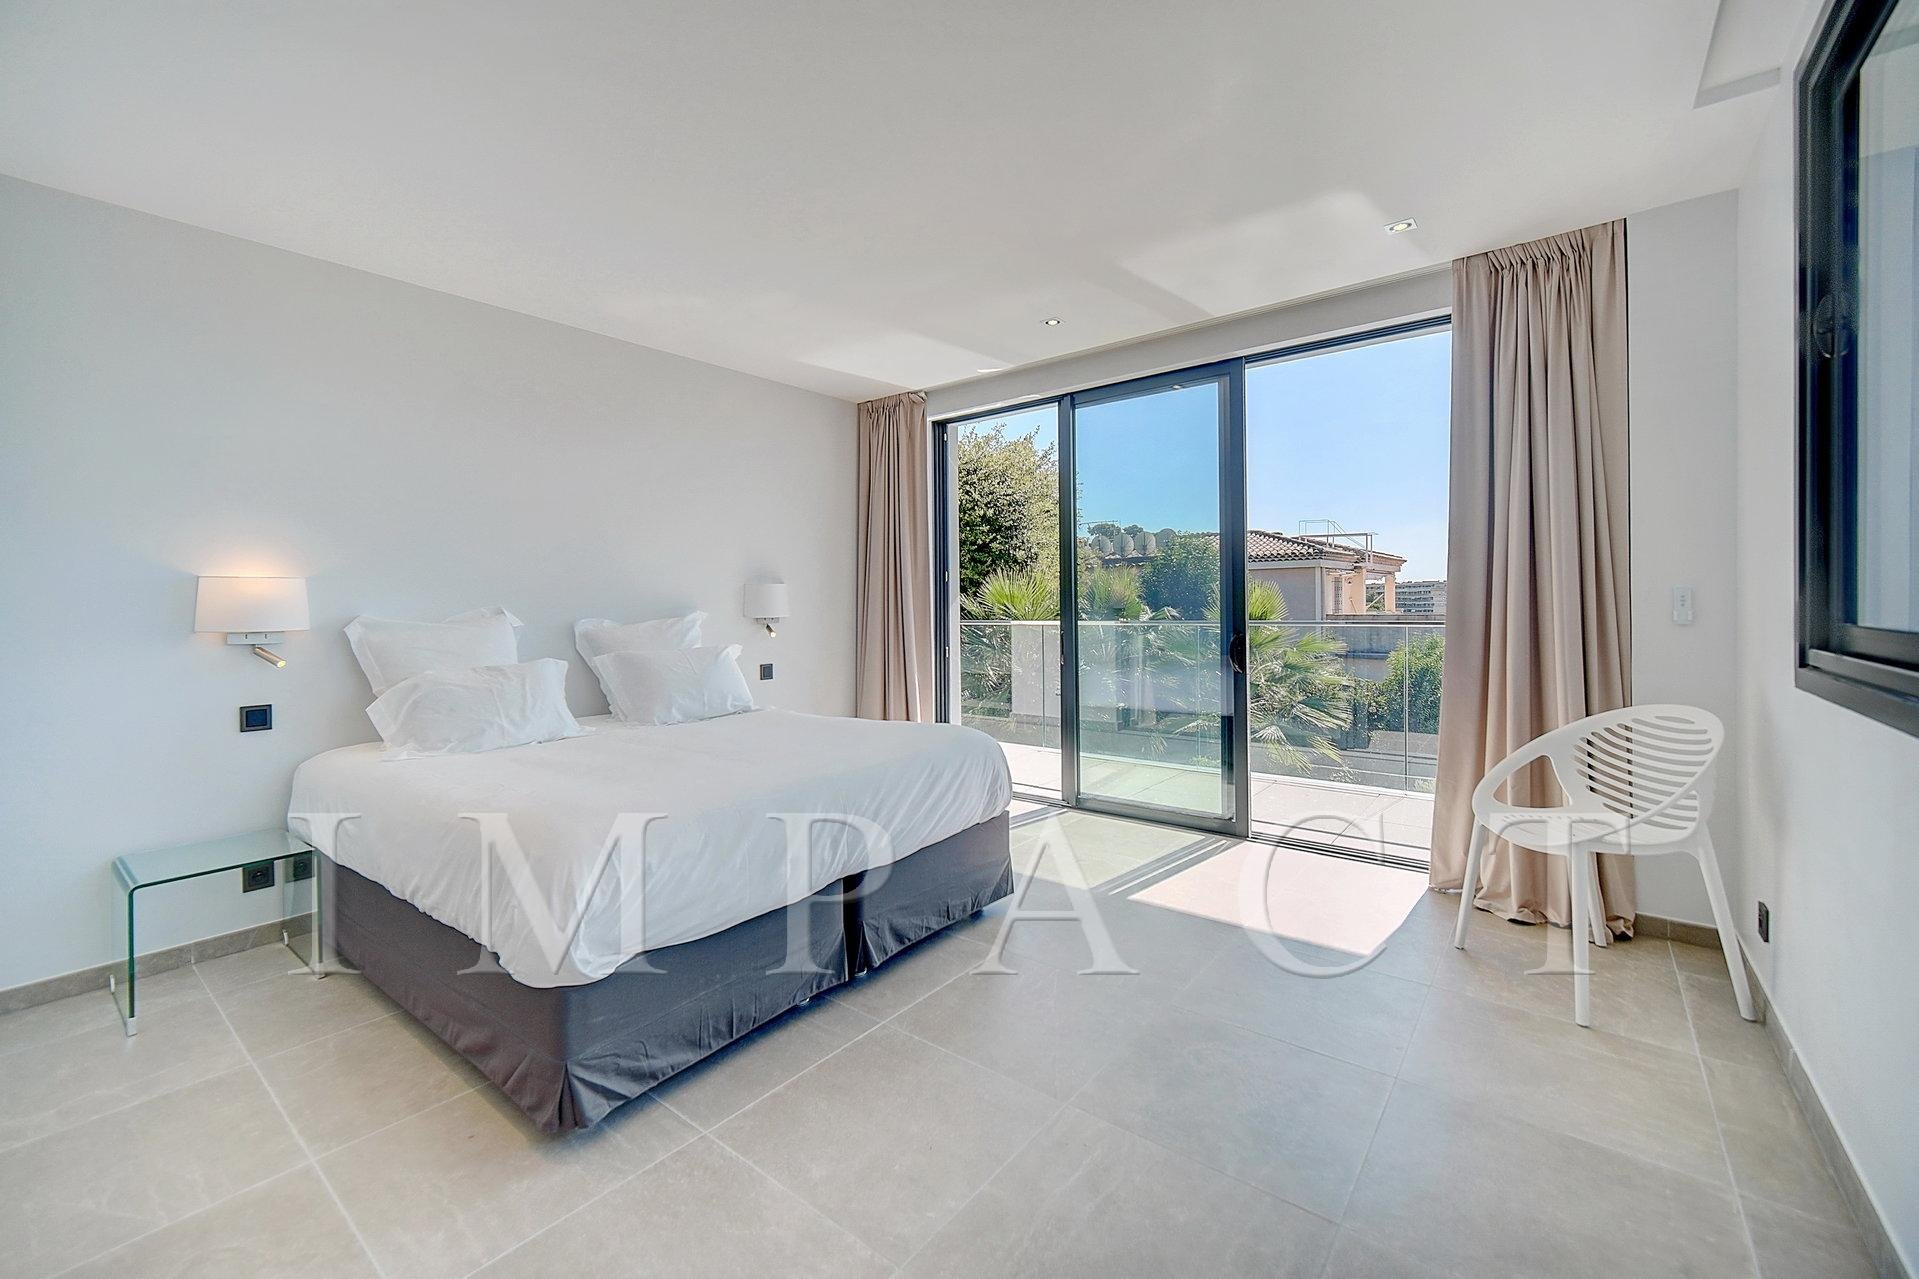 Magnifique villa contemporaine à louer - Proche Cannes